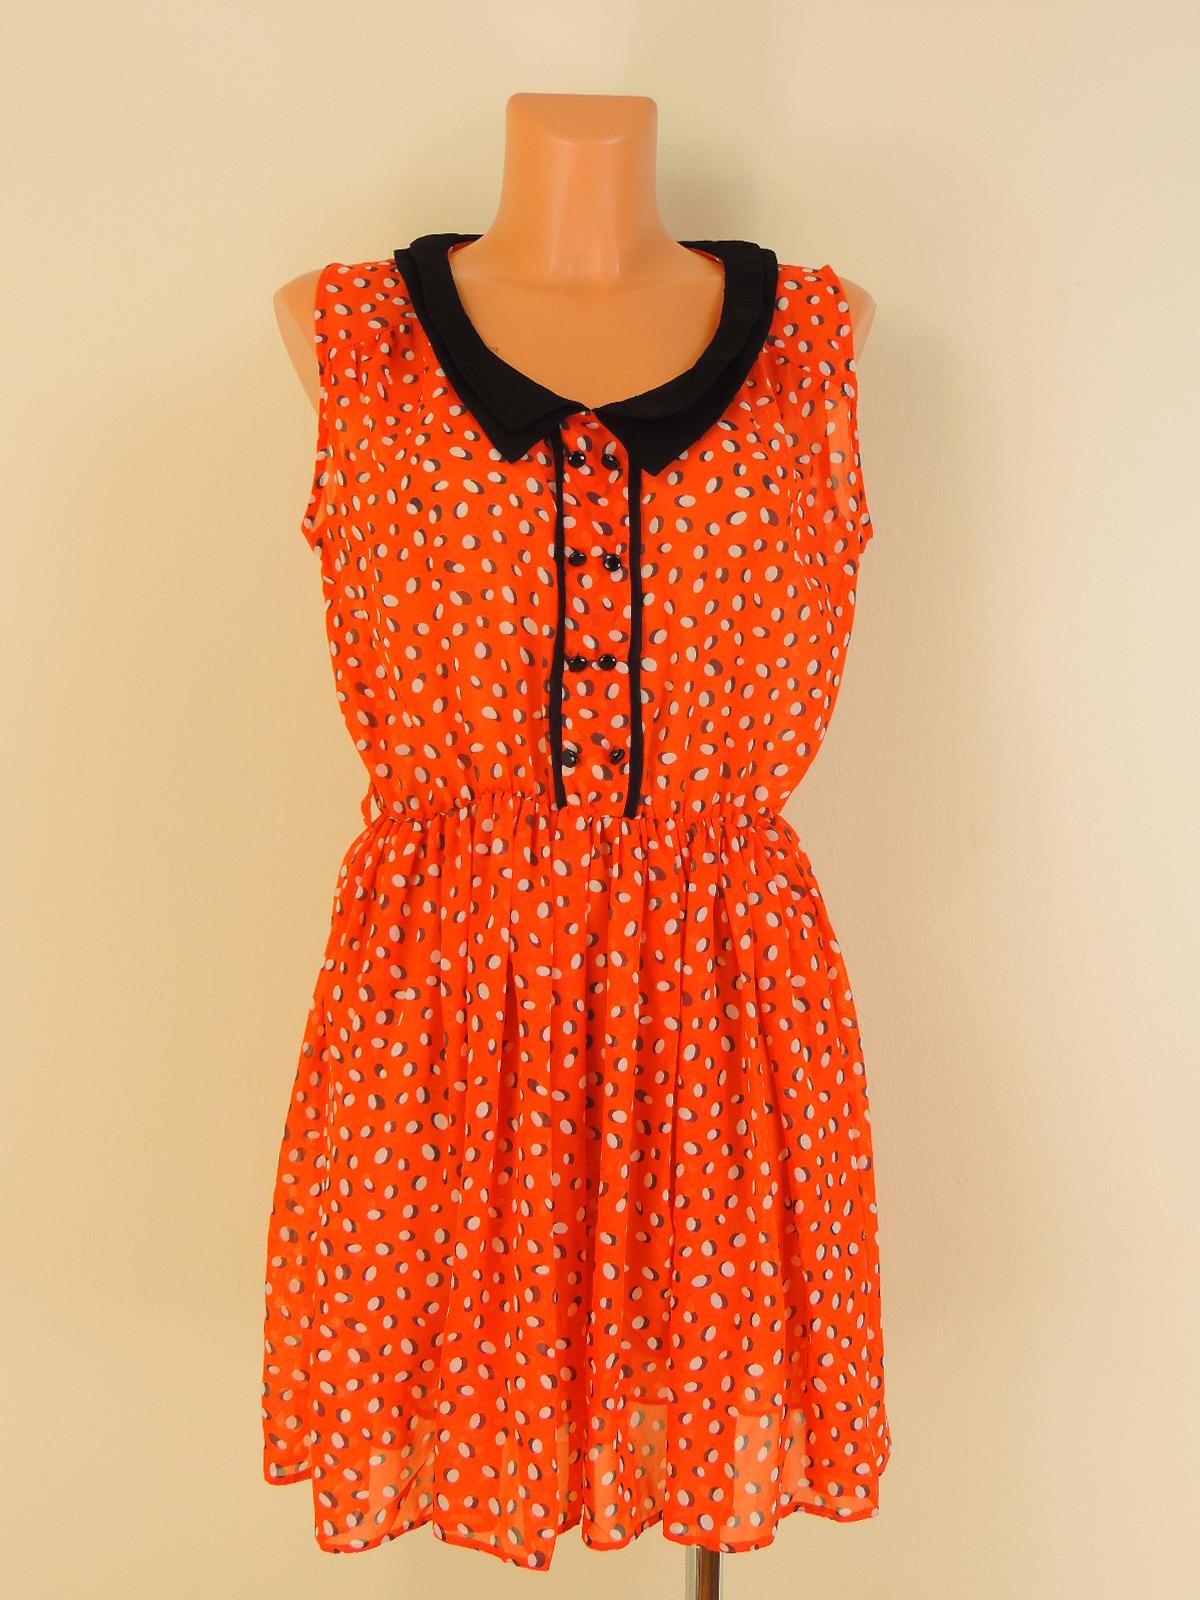 bae99503165c Retro šaty s dvojitým límečkem - Second hand online - Fashion ...